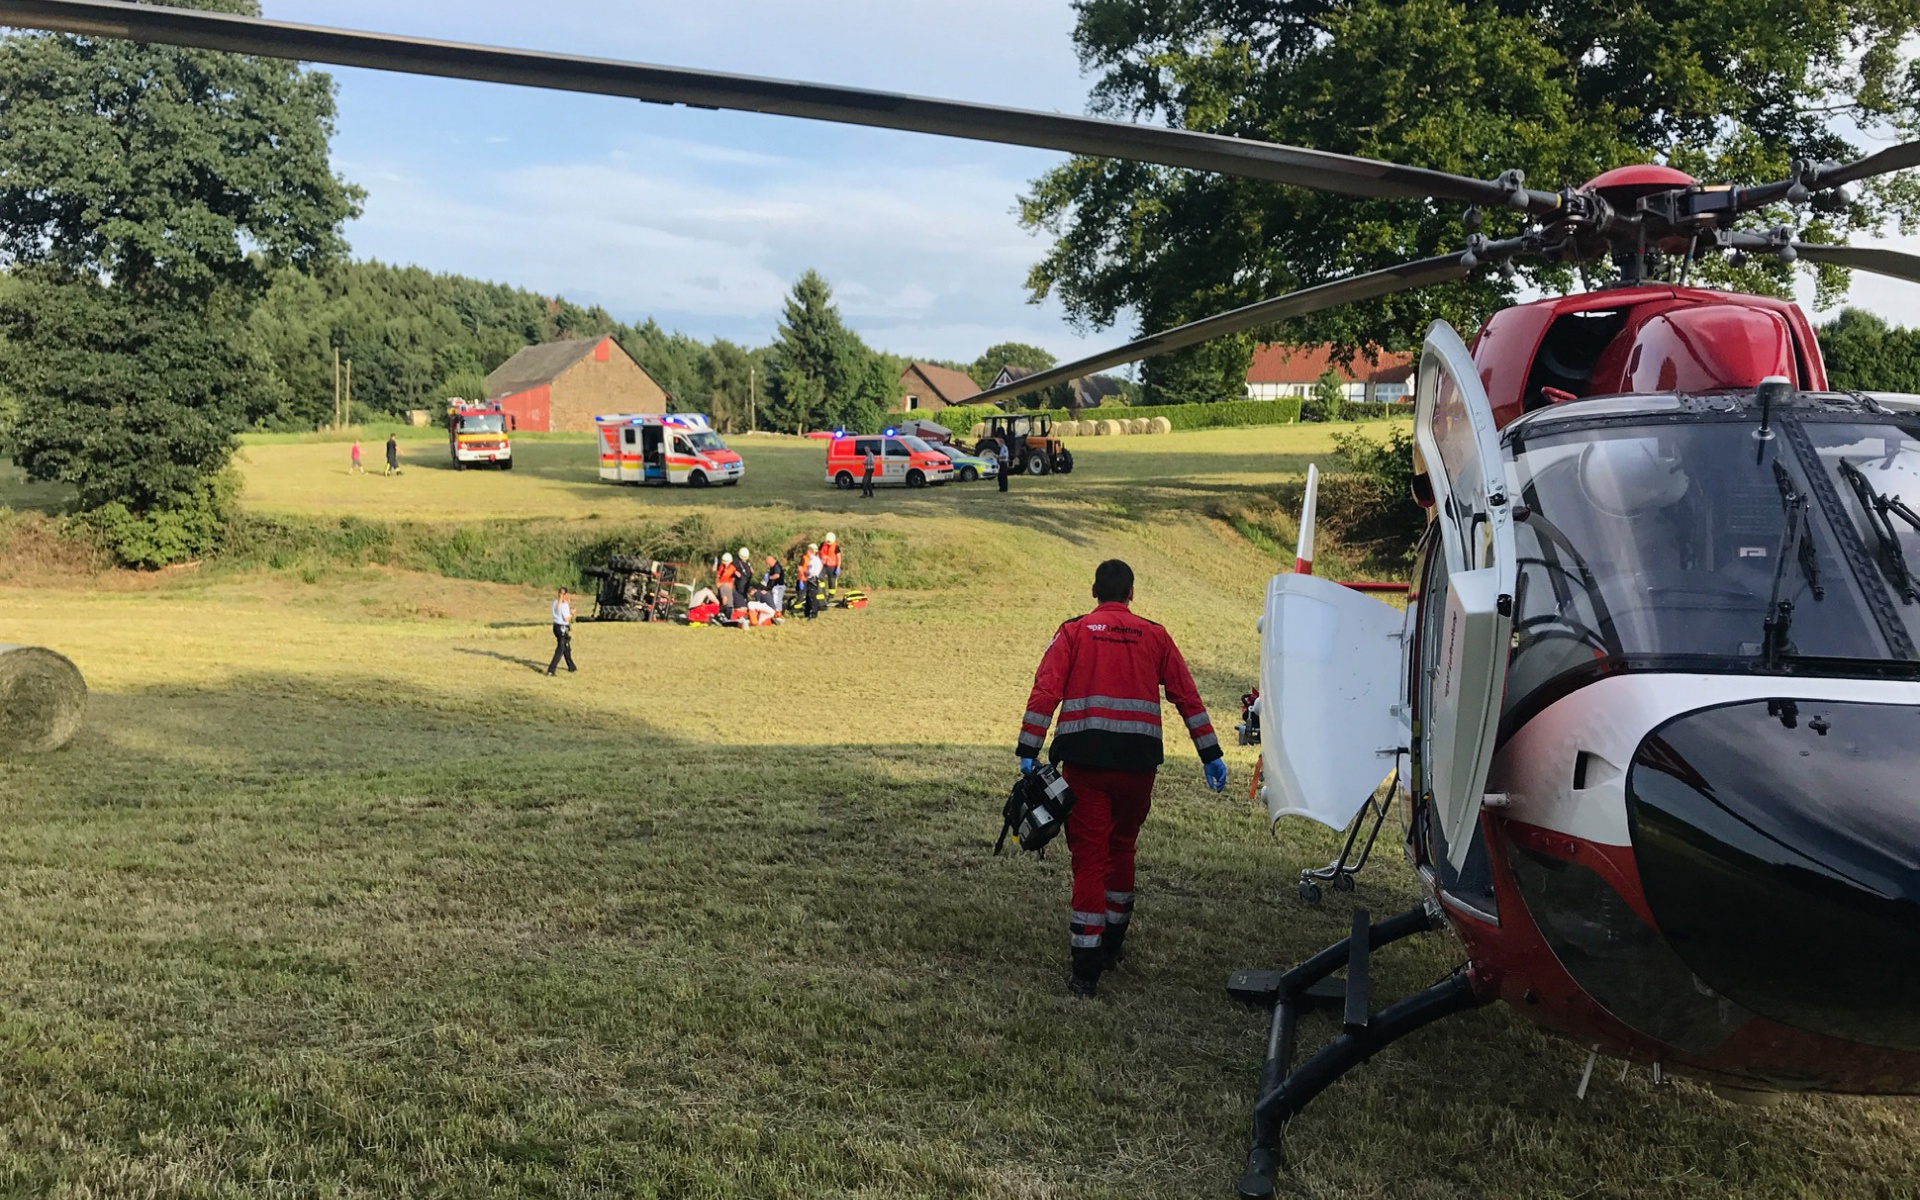 Rettung in letzter Sekunde - Christoph Dortmund bei Traktorunfall im Einsatz